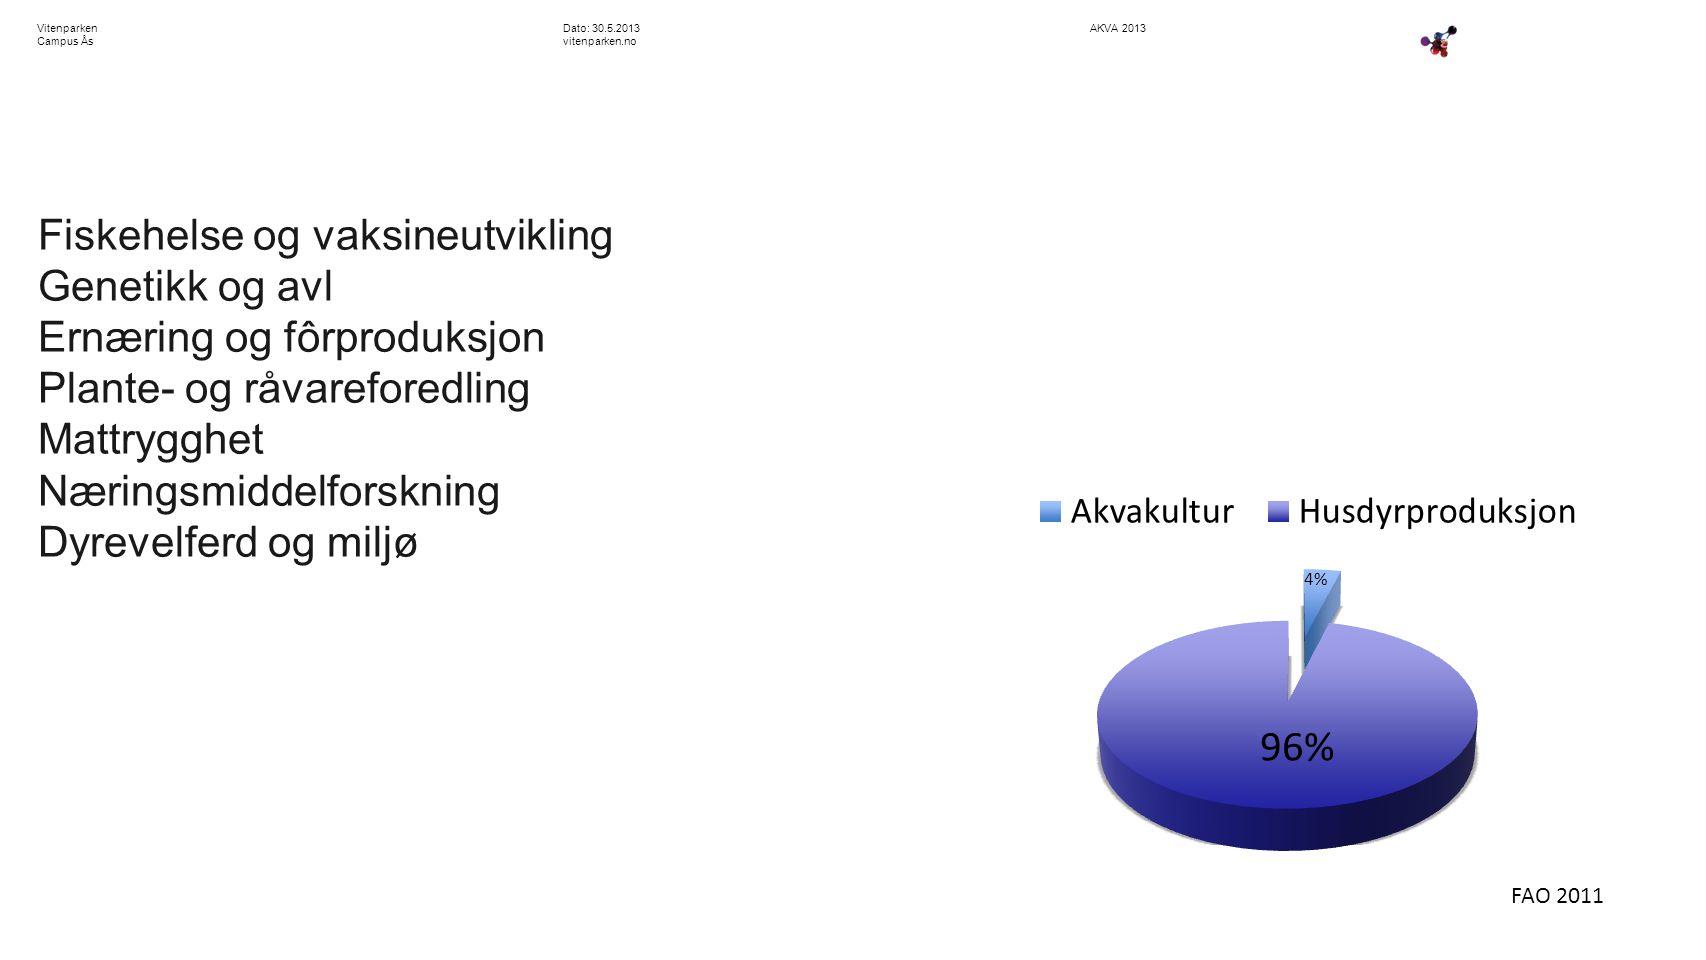 AKVA 2013Dato: 30.5.2013 vitenparken.no Vitenparken Campus Ås Fiskehelse og vaksineutvikling Genetikk og avl Ernæring og fôrproduksjon Plante- og råva